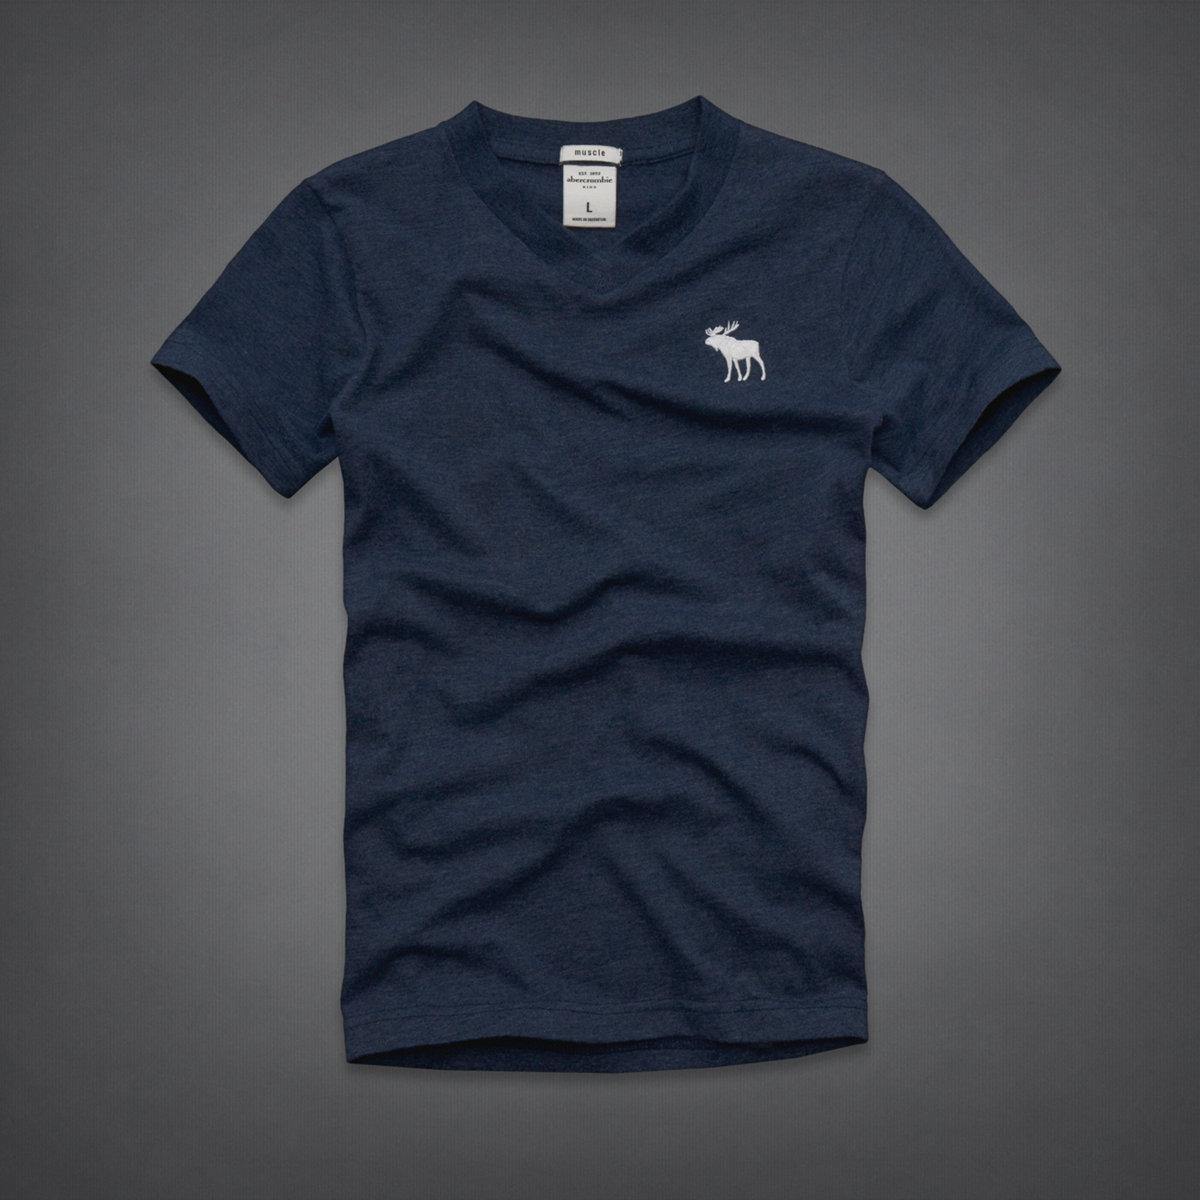 美國百分百【全新真品】Abercrombie & Fitch T恤 AF 短袖 T-shirt 麋鹿 深藍 V領 薄 男 女 Kids S號